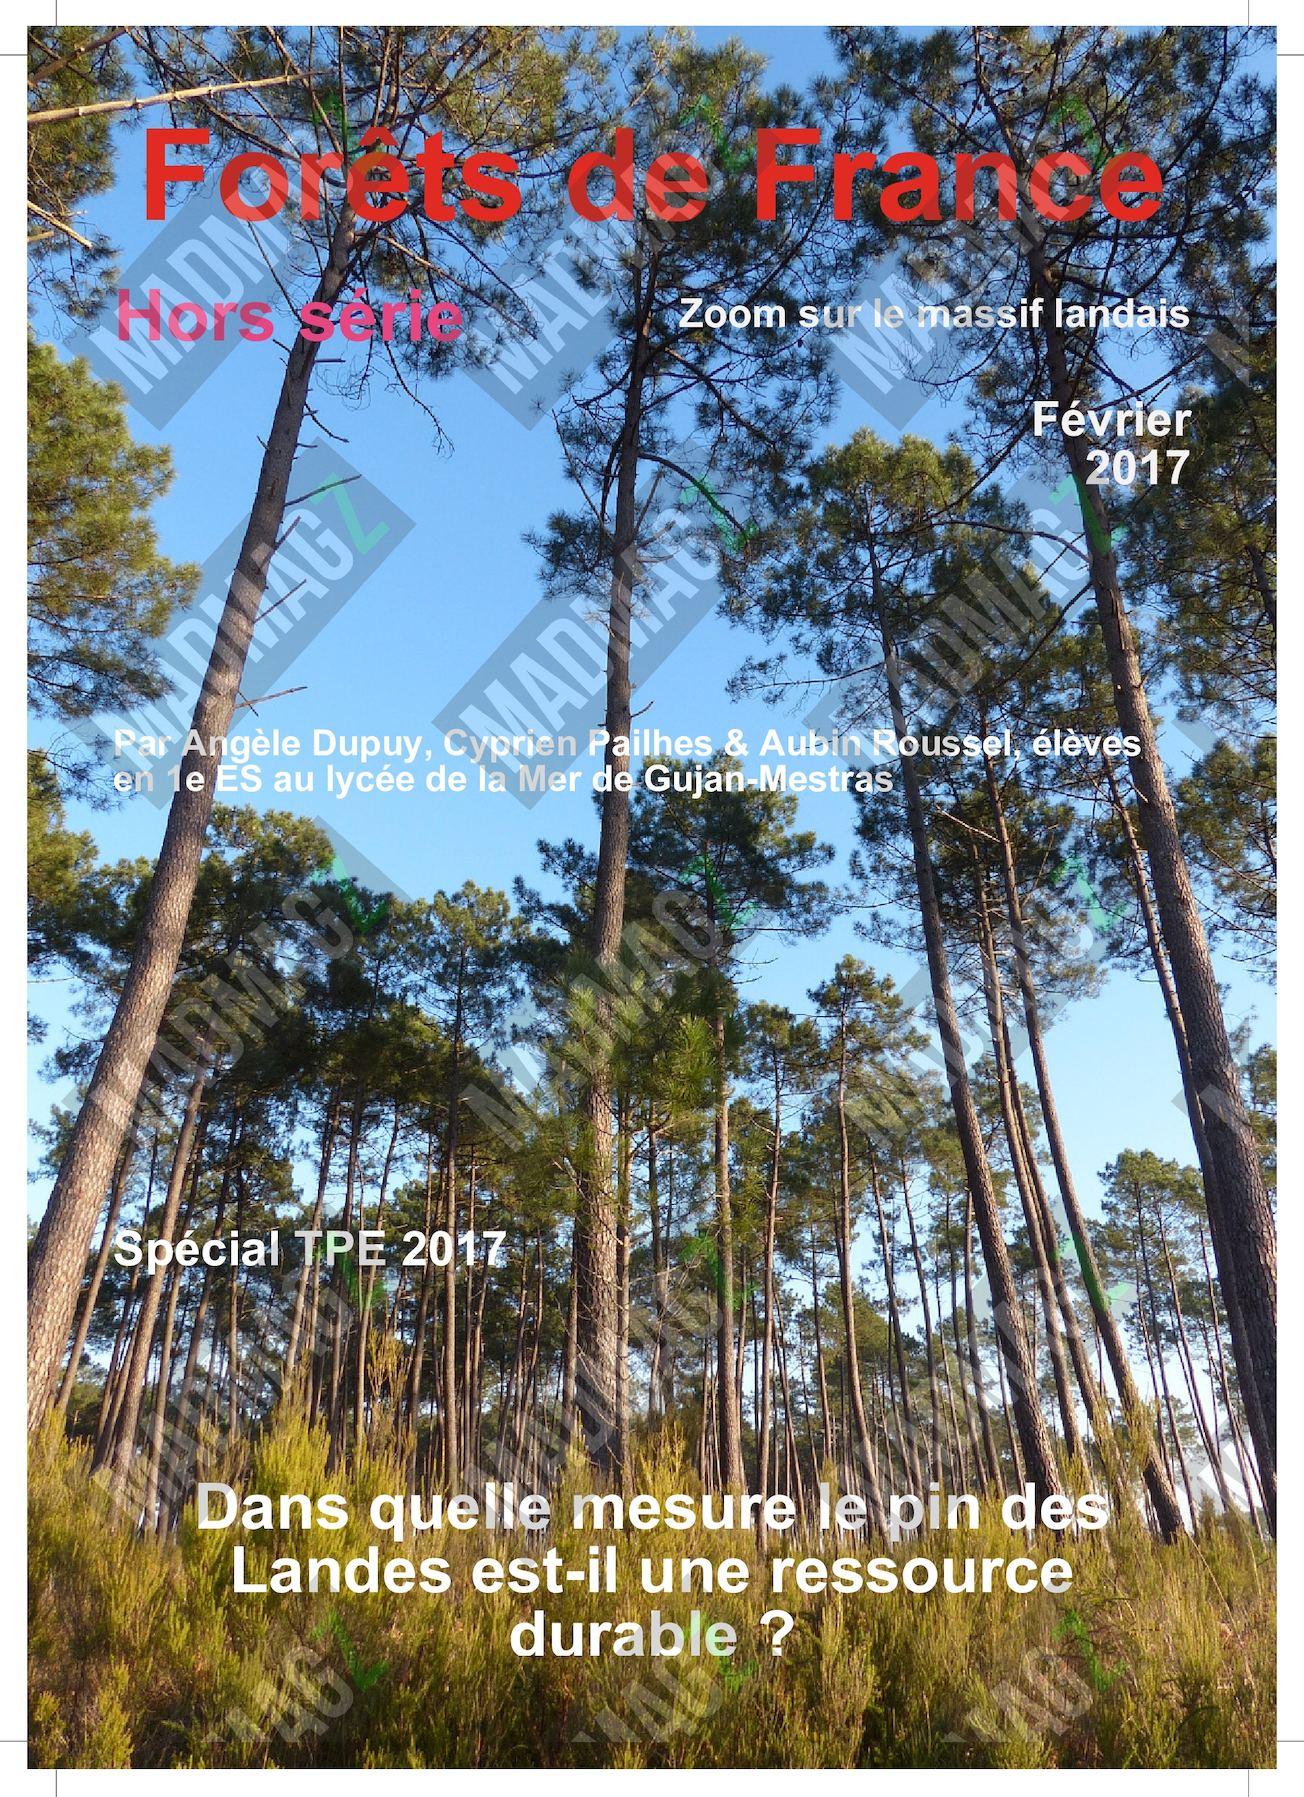 calamo forets de france hors serie special massif landais - Meuble Pour Papier2020